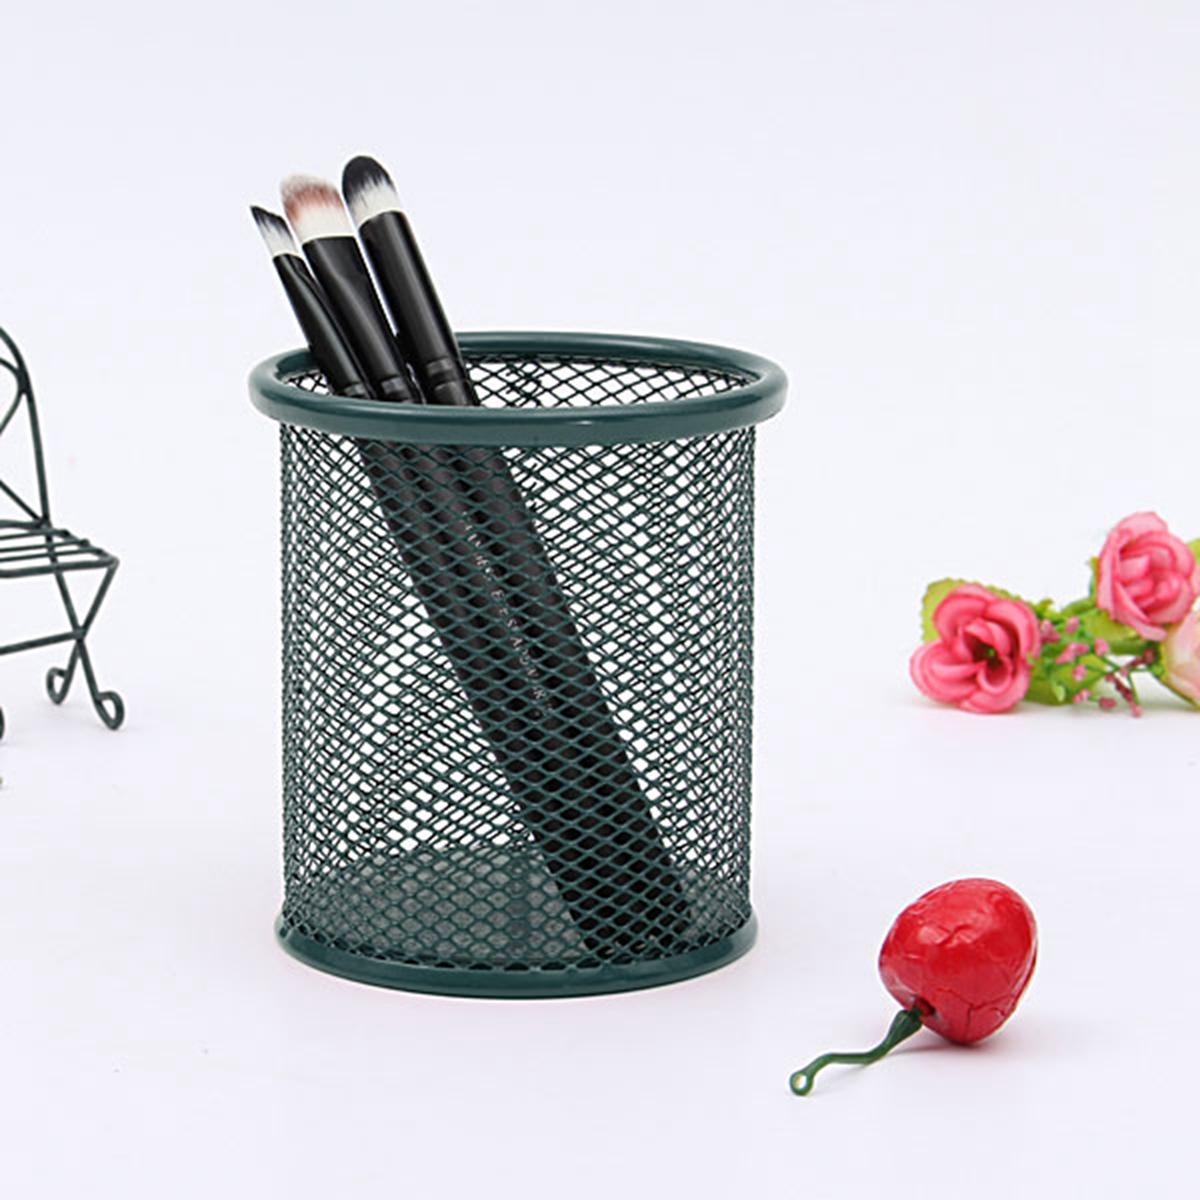 Make-UP Mesh Metal Brush Pencil Holder Organizer Storage ...